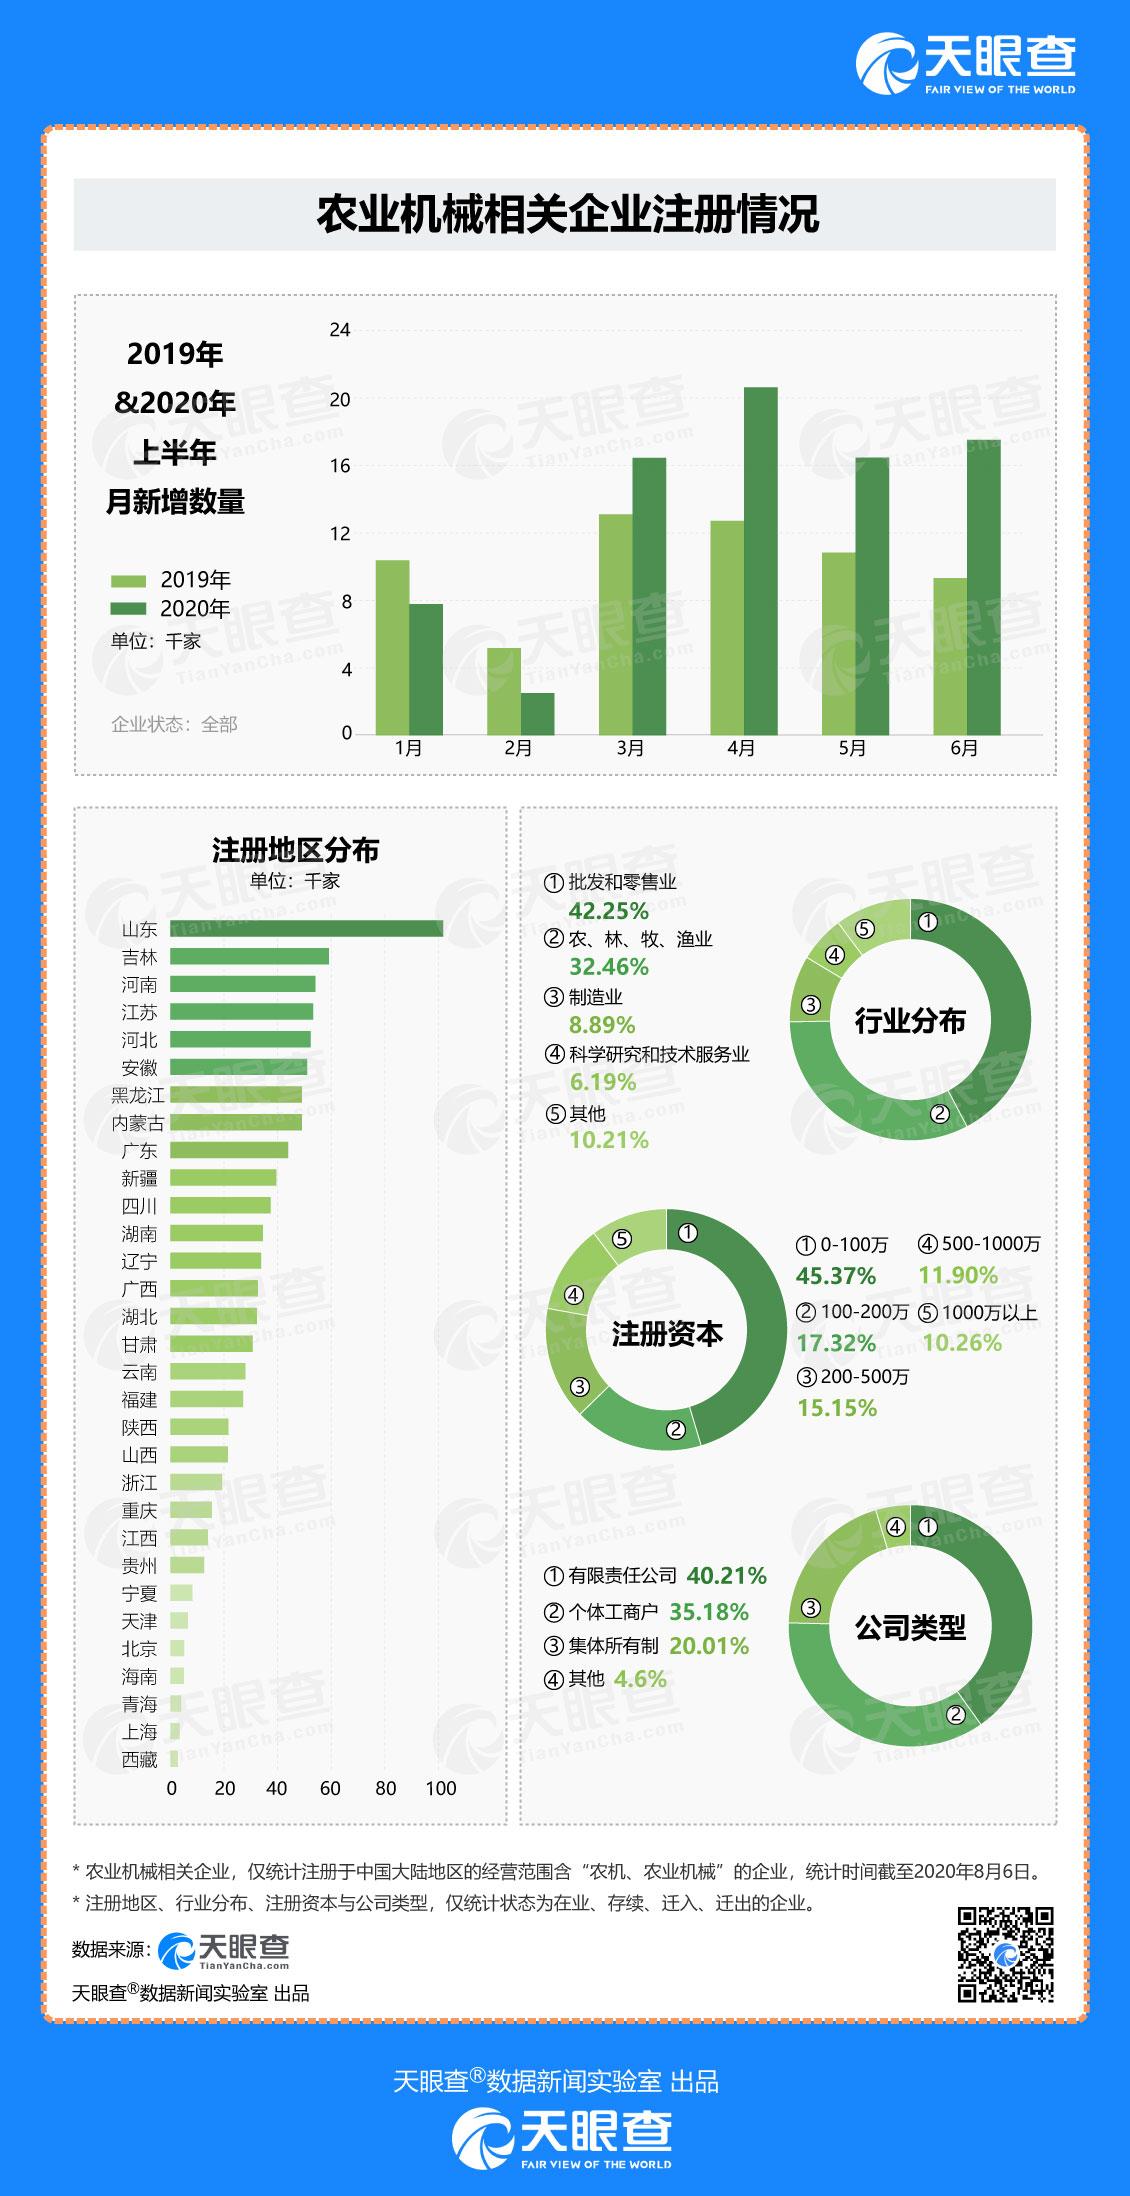 第二季度新增农机企业54000多家,比去年同期增长66%。